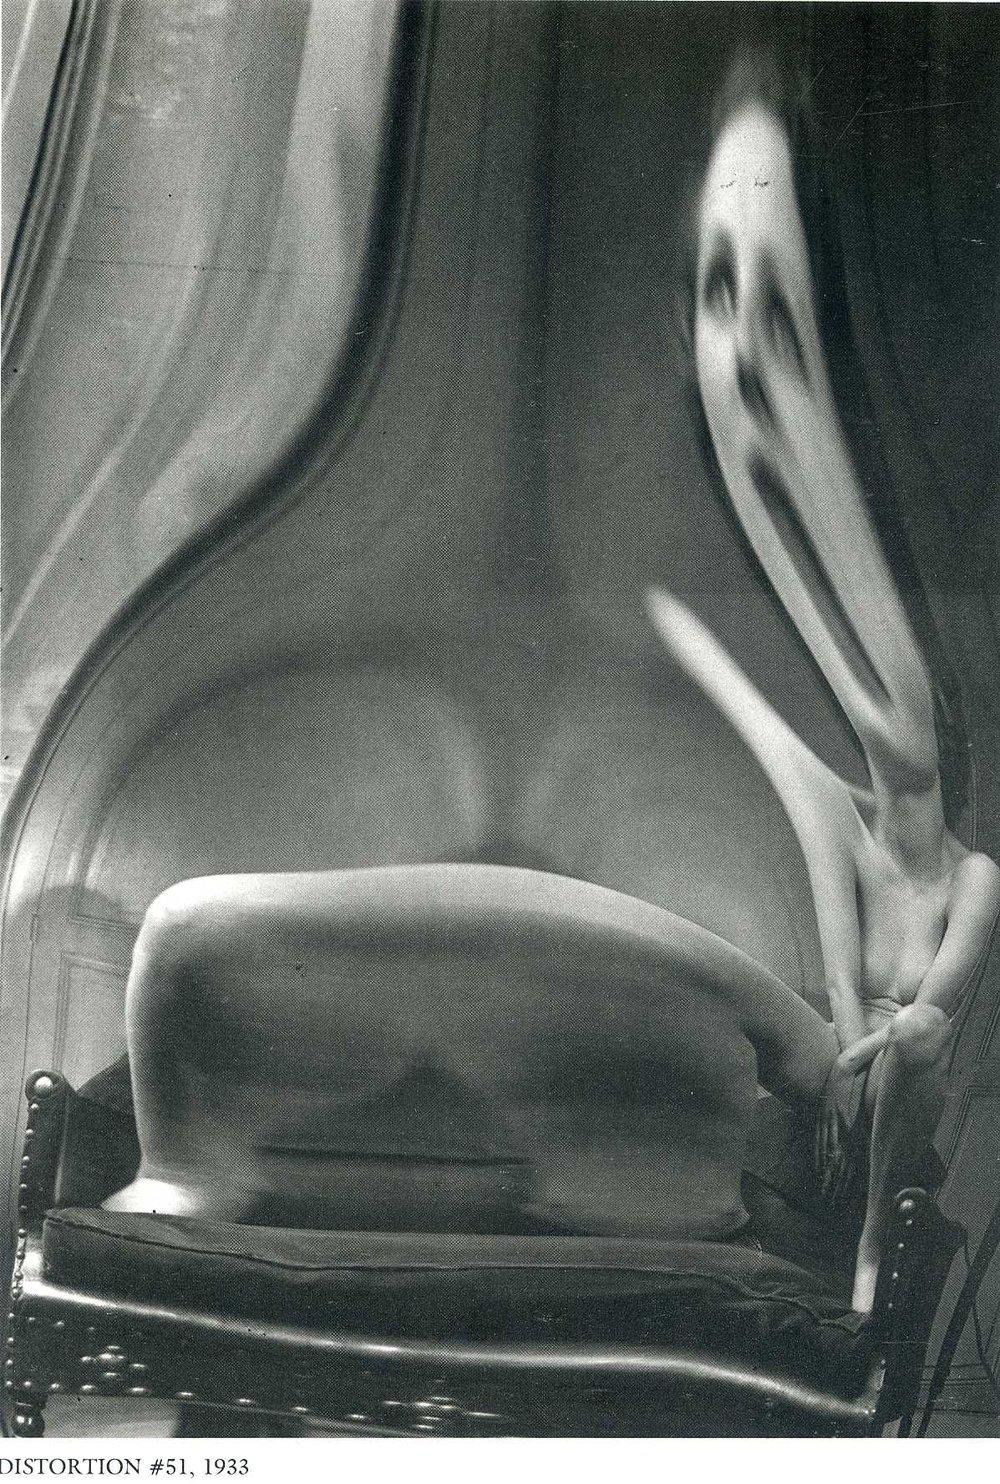 Distortion 51  (1933), André Kertész